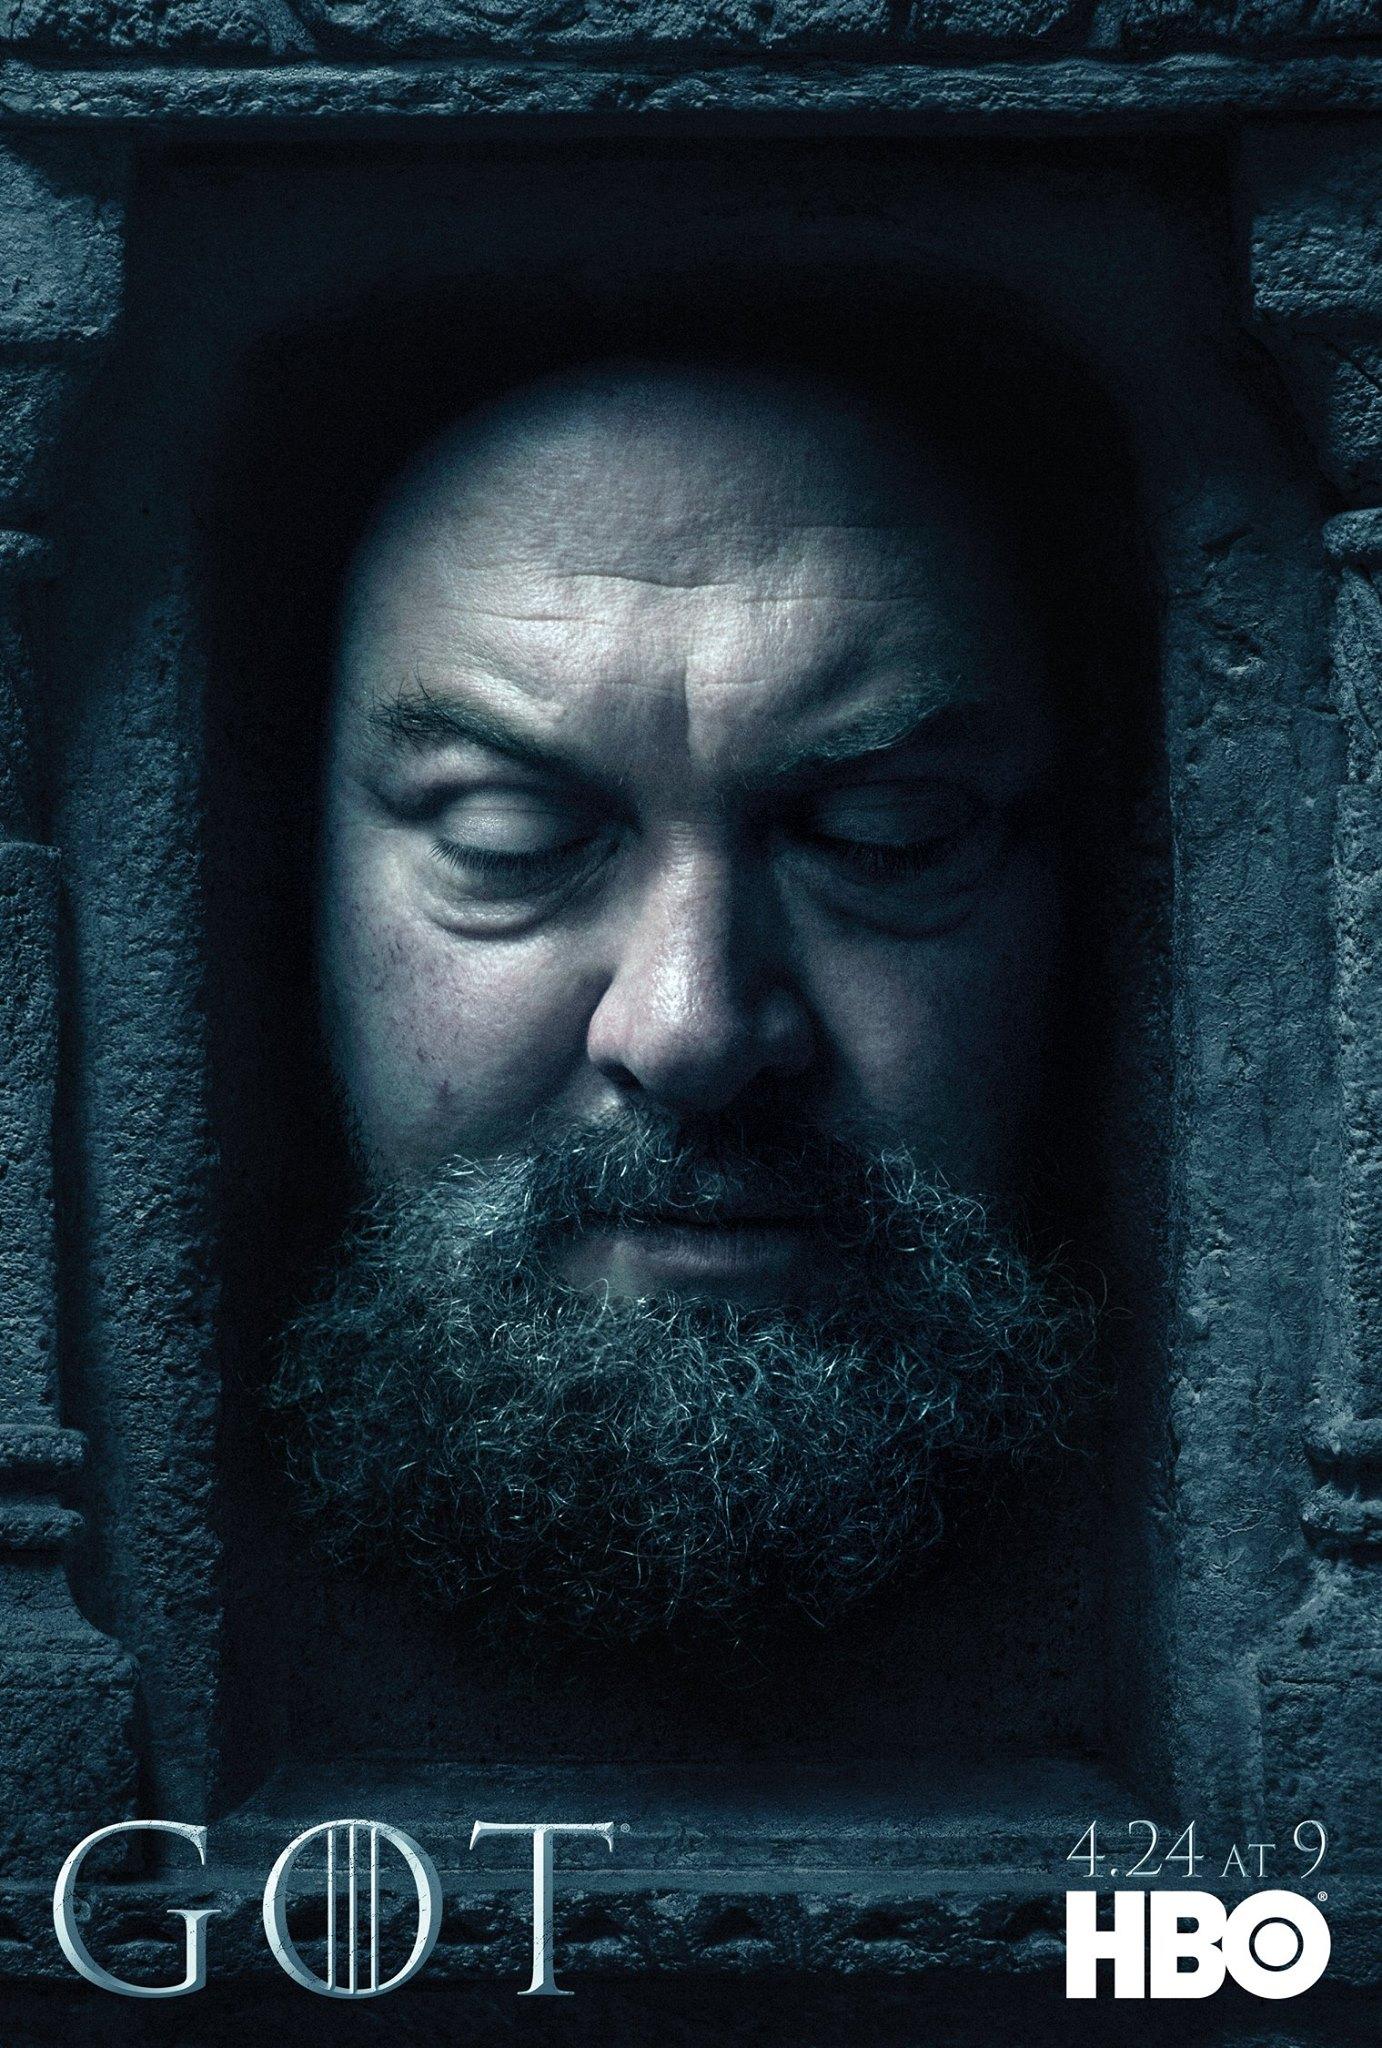 Il trono di spade: il character poster di Robert Baratheon